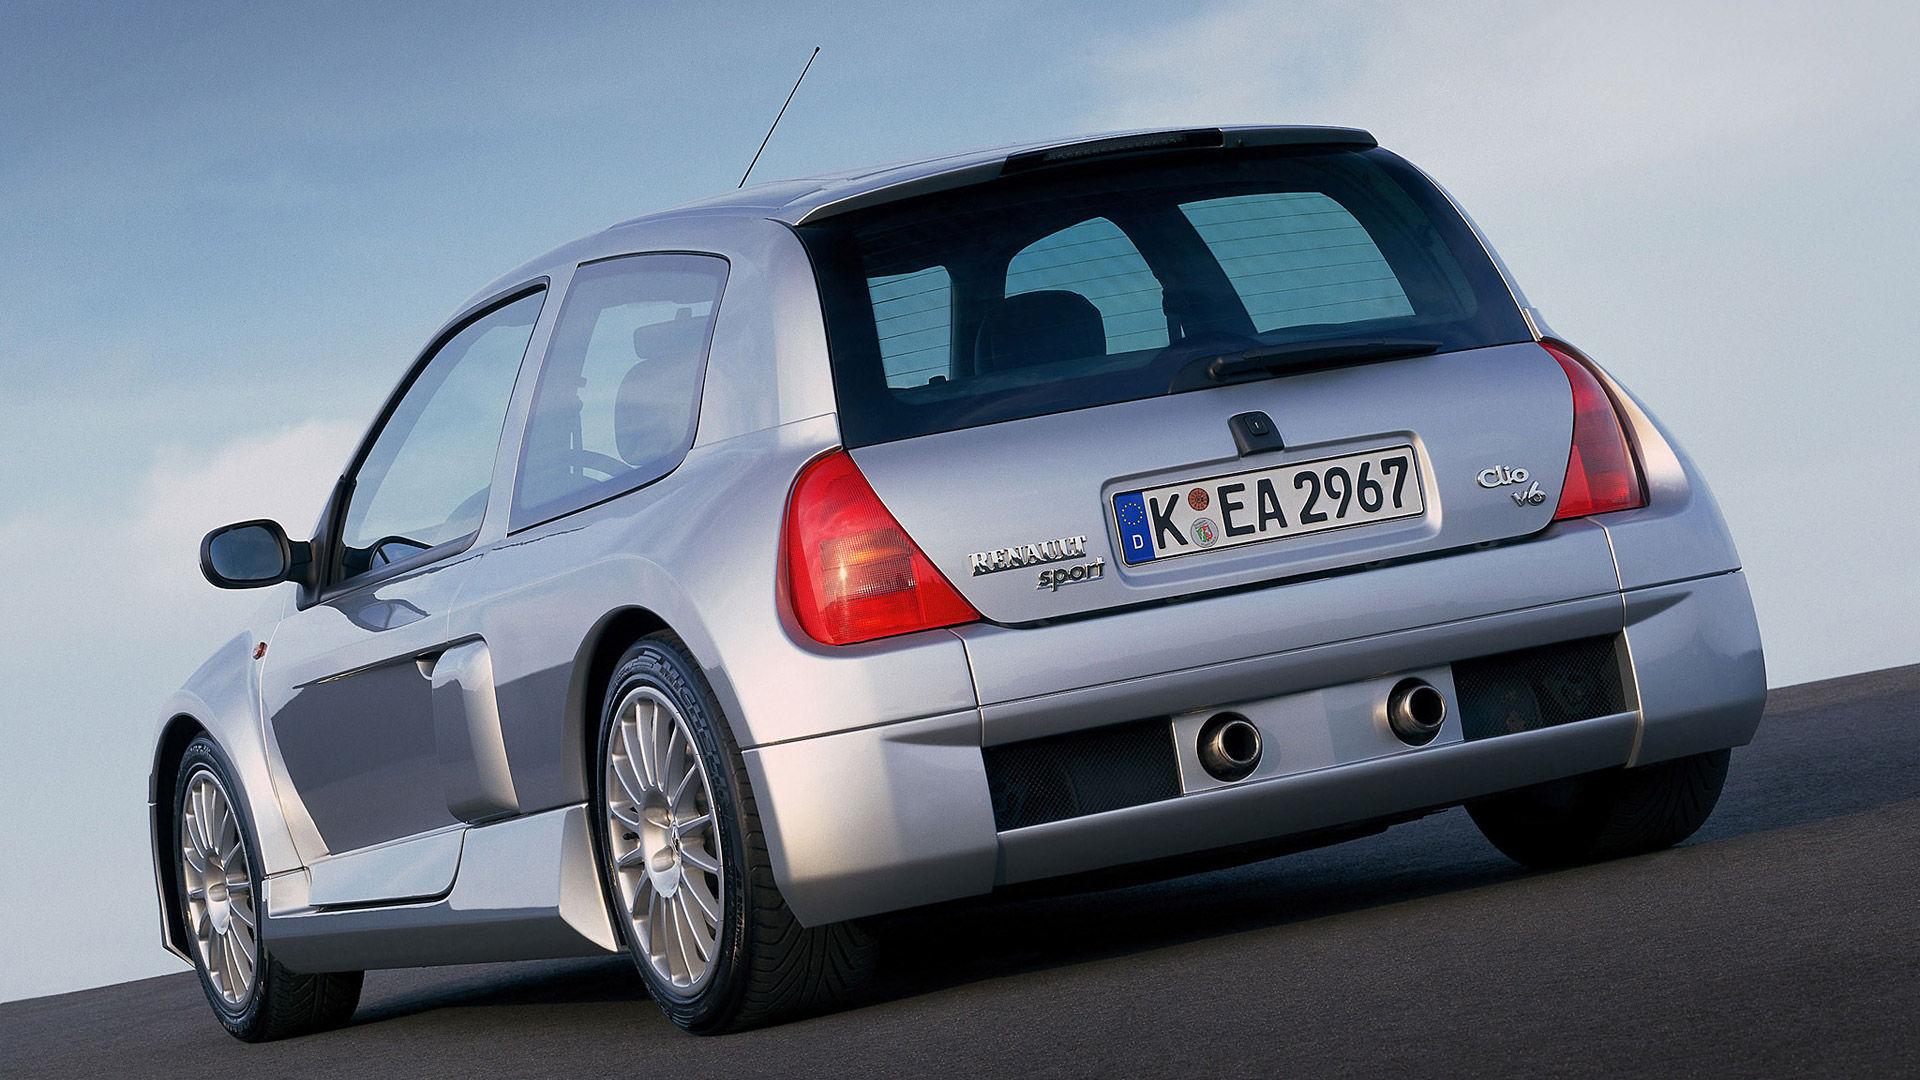 2000 Renault Clio V6